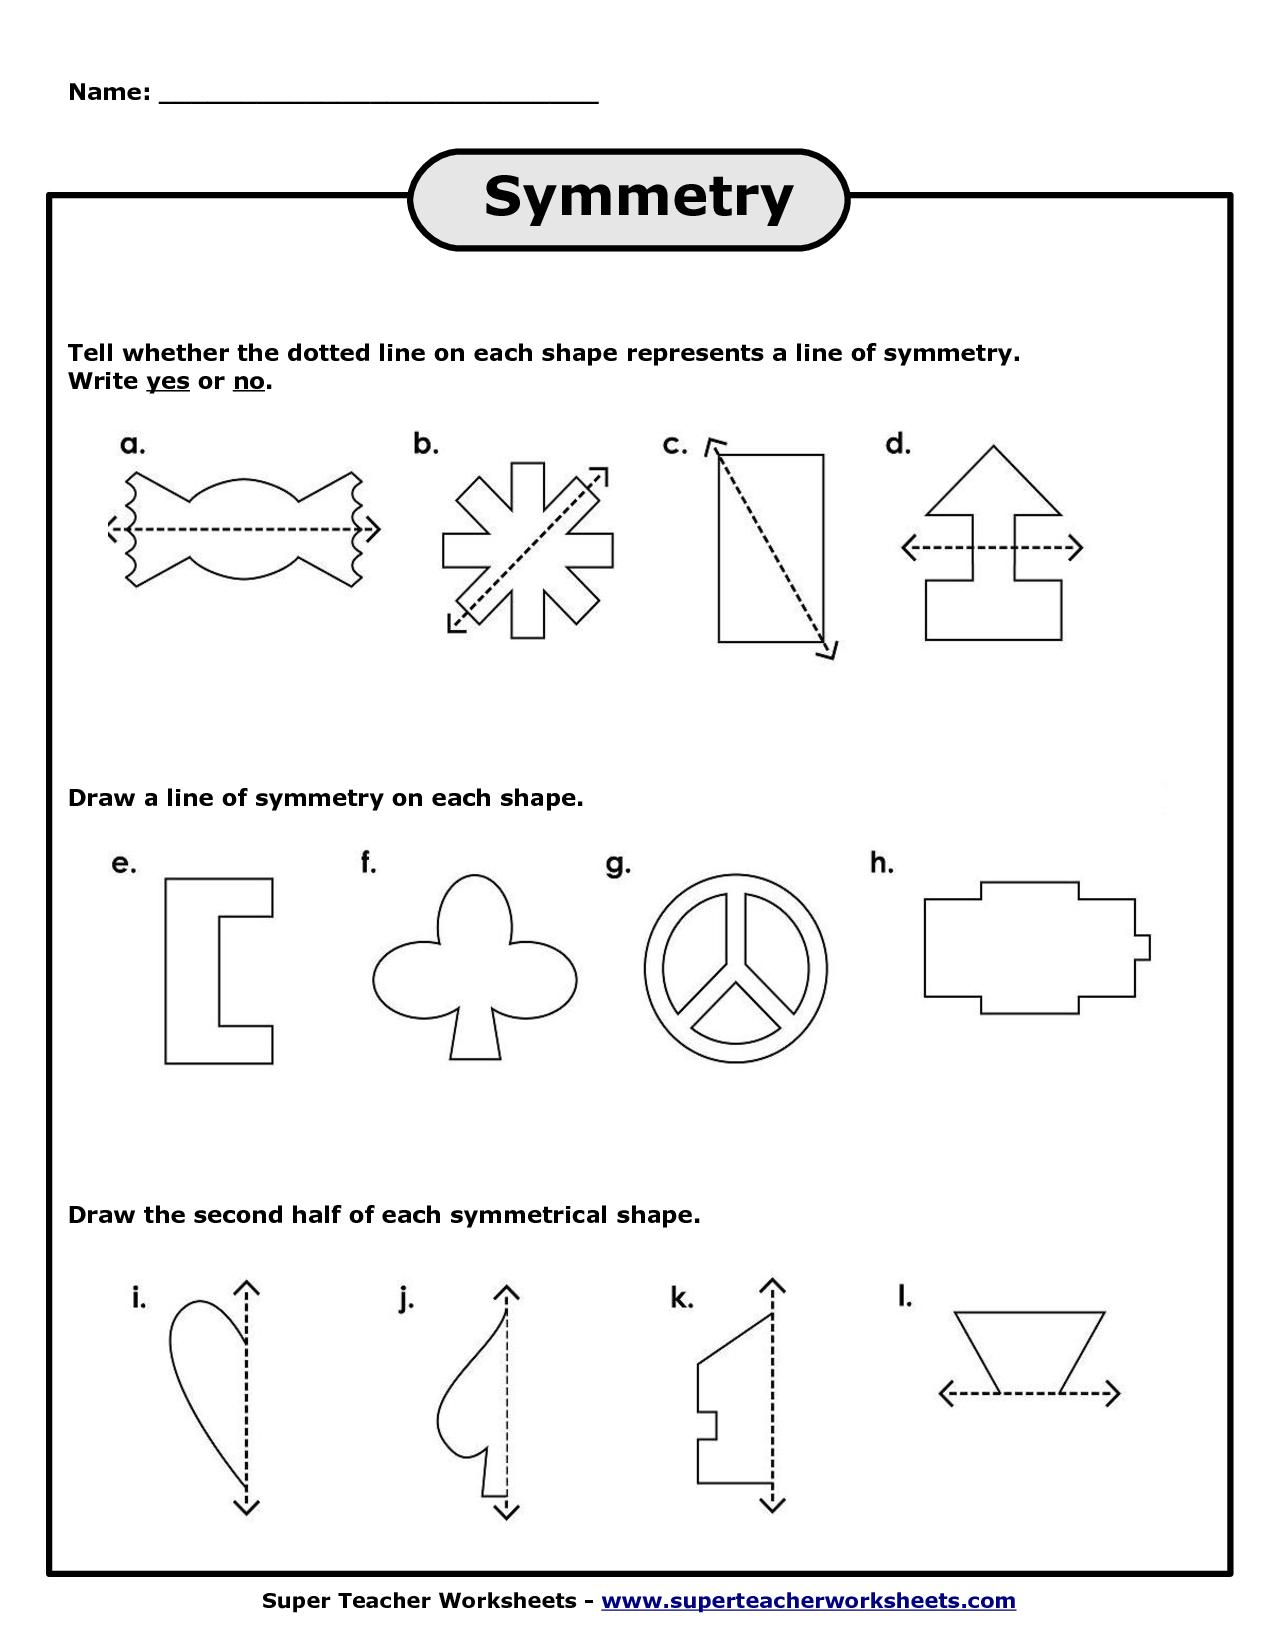 Line Symmetry Worksheet Printable   Symmetry worksheets [ 1650 x 1275 Pixel ]